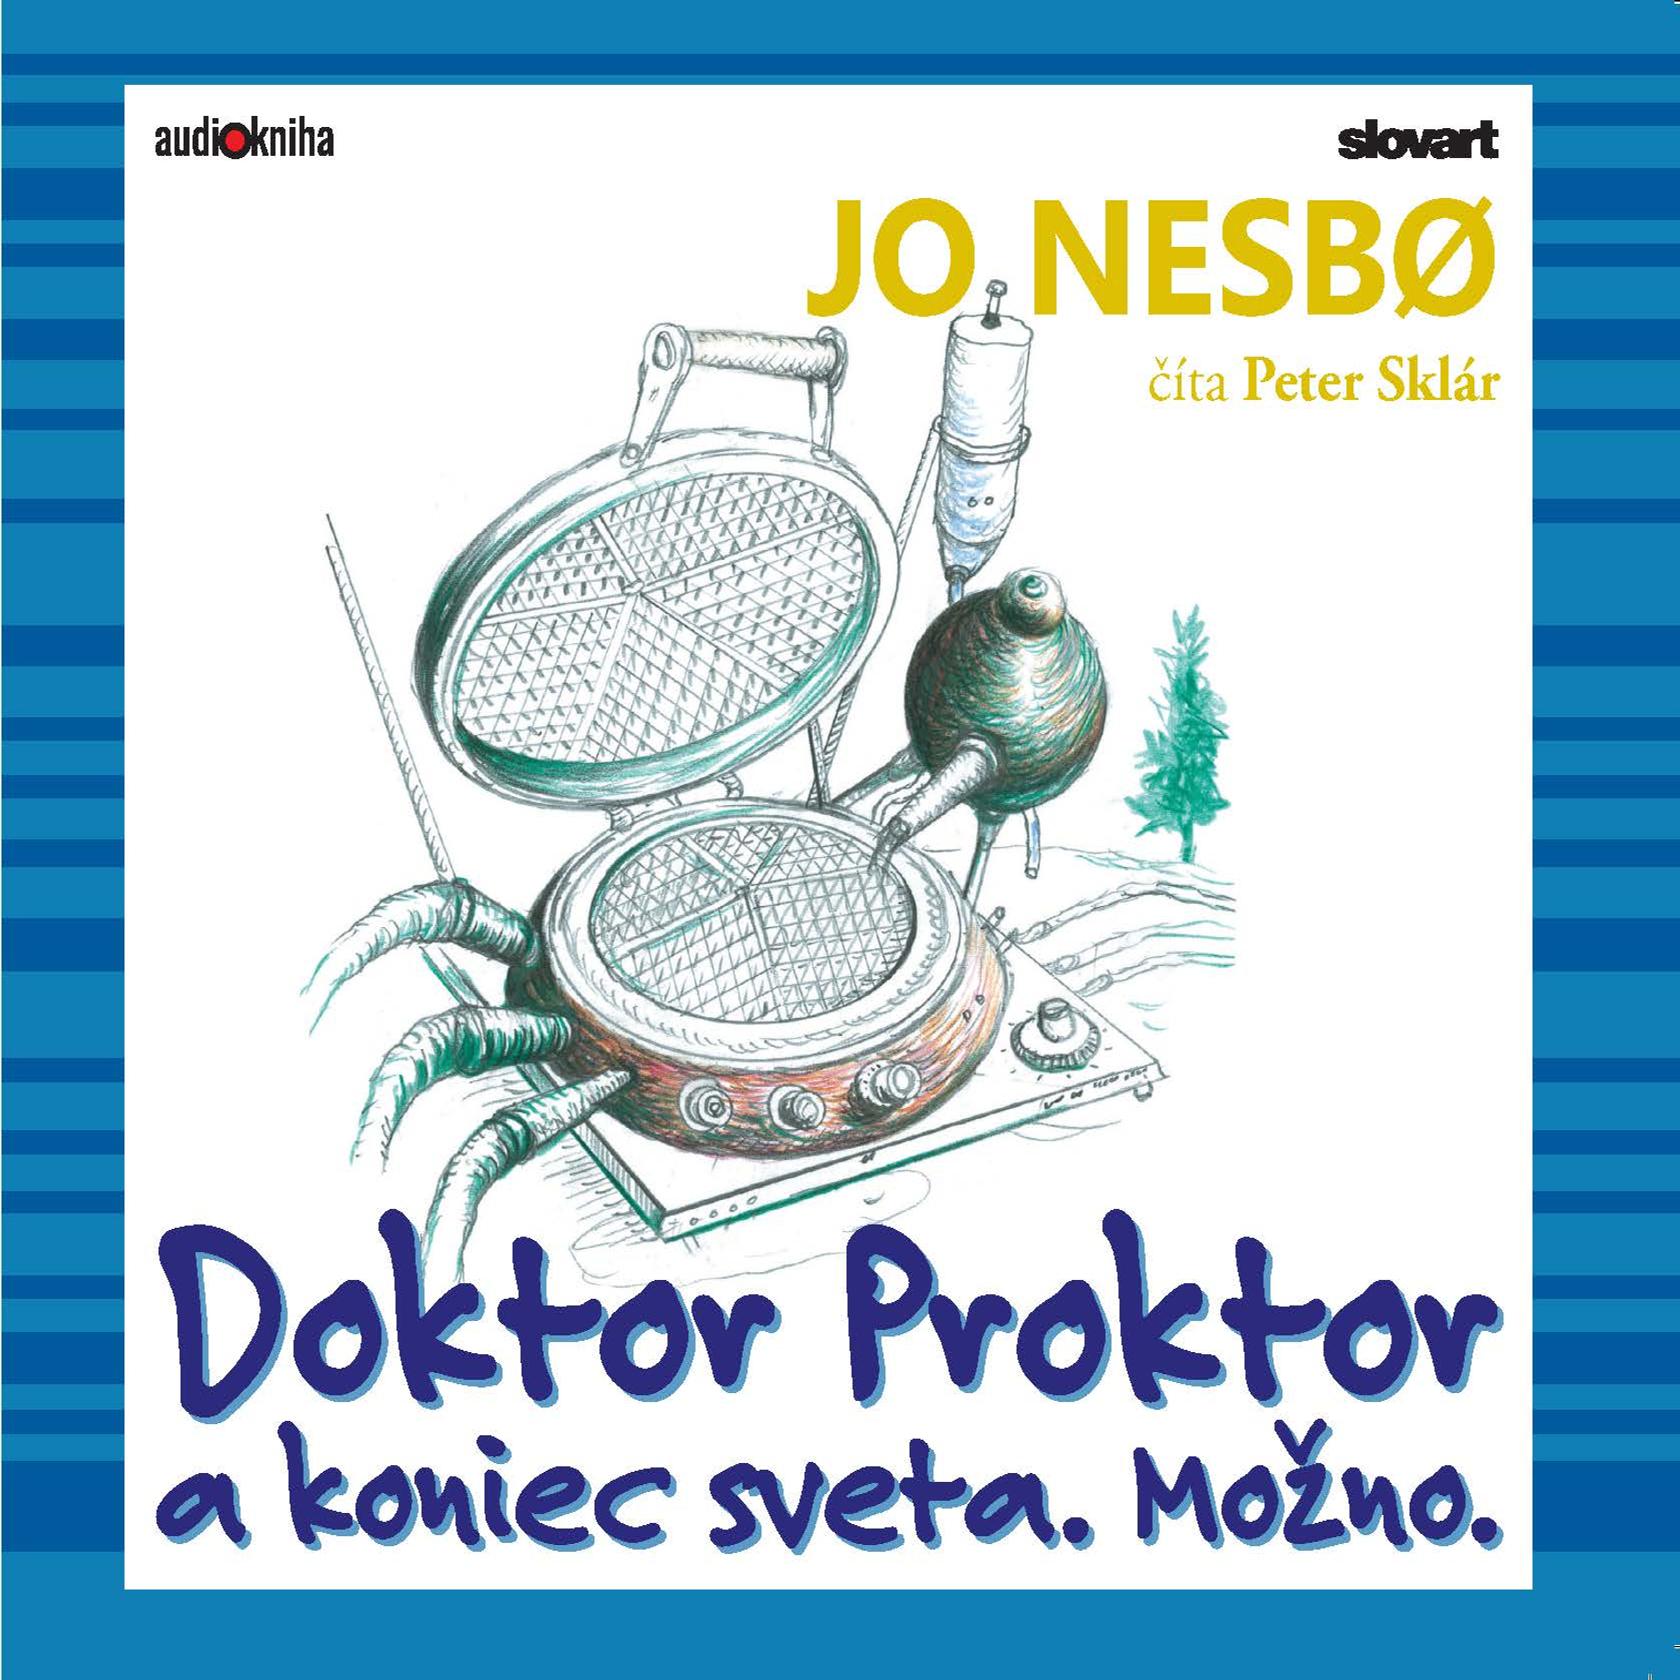 Doktor Proktor a koniec sveta. Možno.